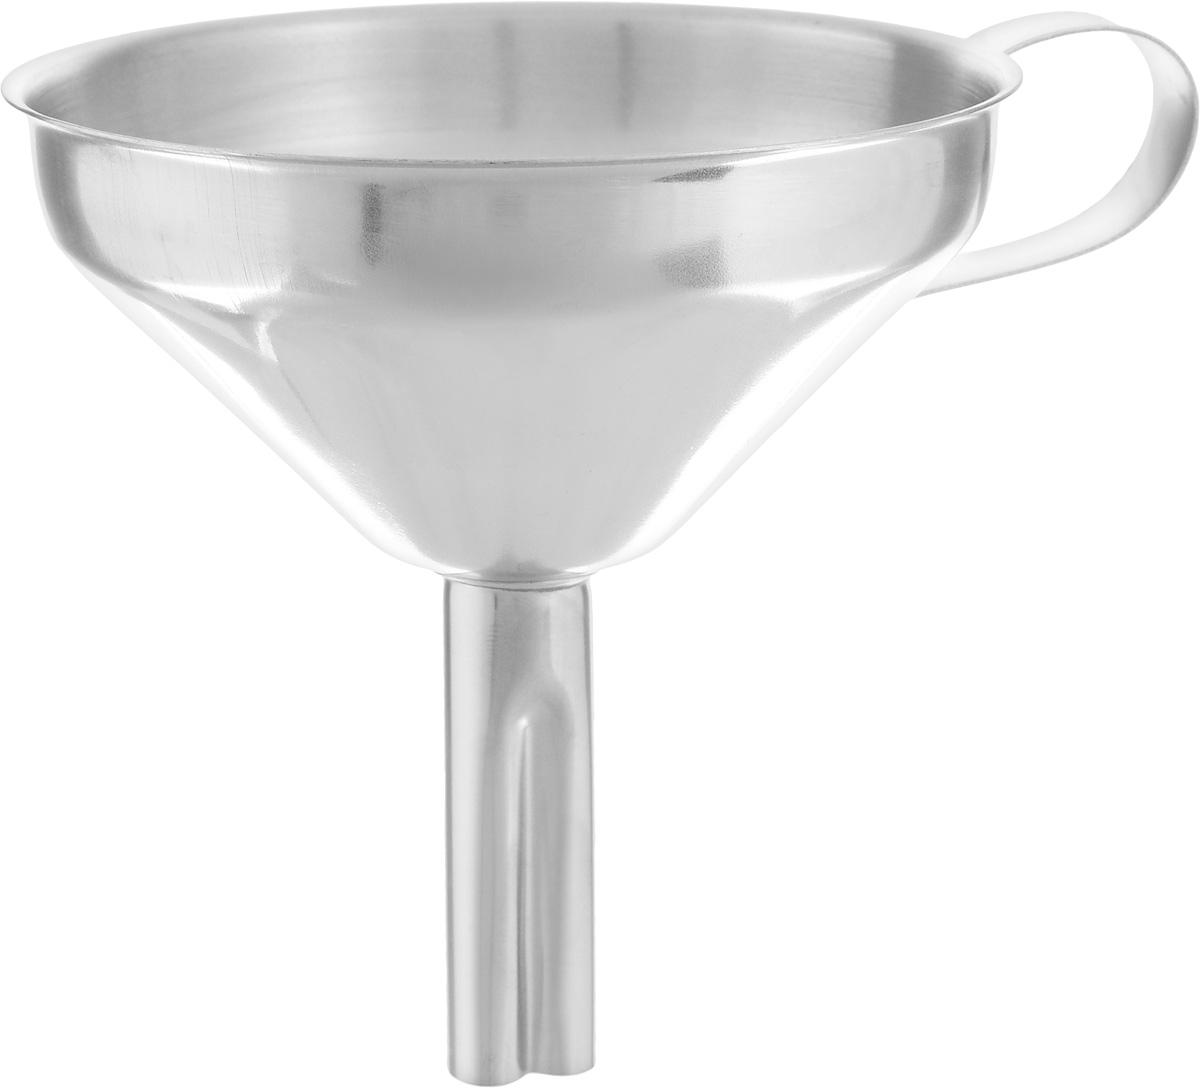 Воронка Axentia, диаметр 10 см115510Воронка Axentia изготовлена из нержавеющей стали. Предназначена для переливания жидкостей в сосуд с узким горлышком. Воронка плотно прилегает к краям наполняемой емкости, поэтому вы ни капли не прольете мимо. Изделие оснащено удобной ручкой. Такая воронка станет прекрасным дополнением к коллекции ваших кухонных аксессуаров. Диаметр воронки: 10 см. Высота воронки: 10,5 см.